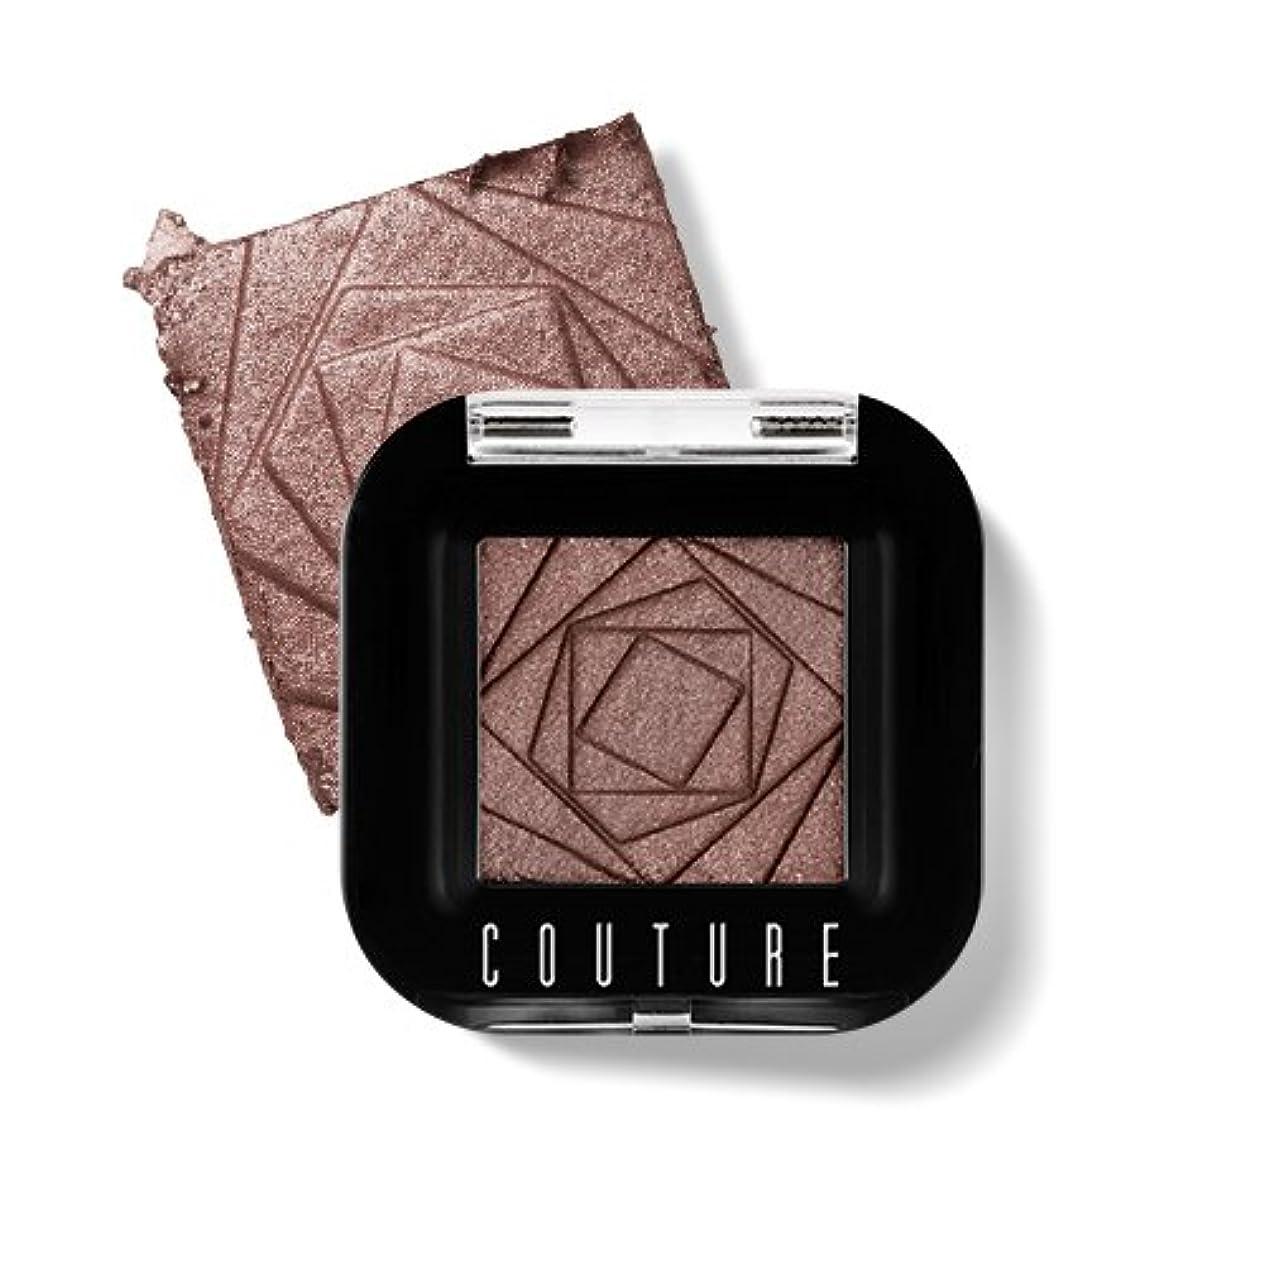 予想外銛ほうきAPIEU Couture Shadow (# 5) /アピュ/オピュ クチュールシャドウ [並行輸入品]